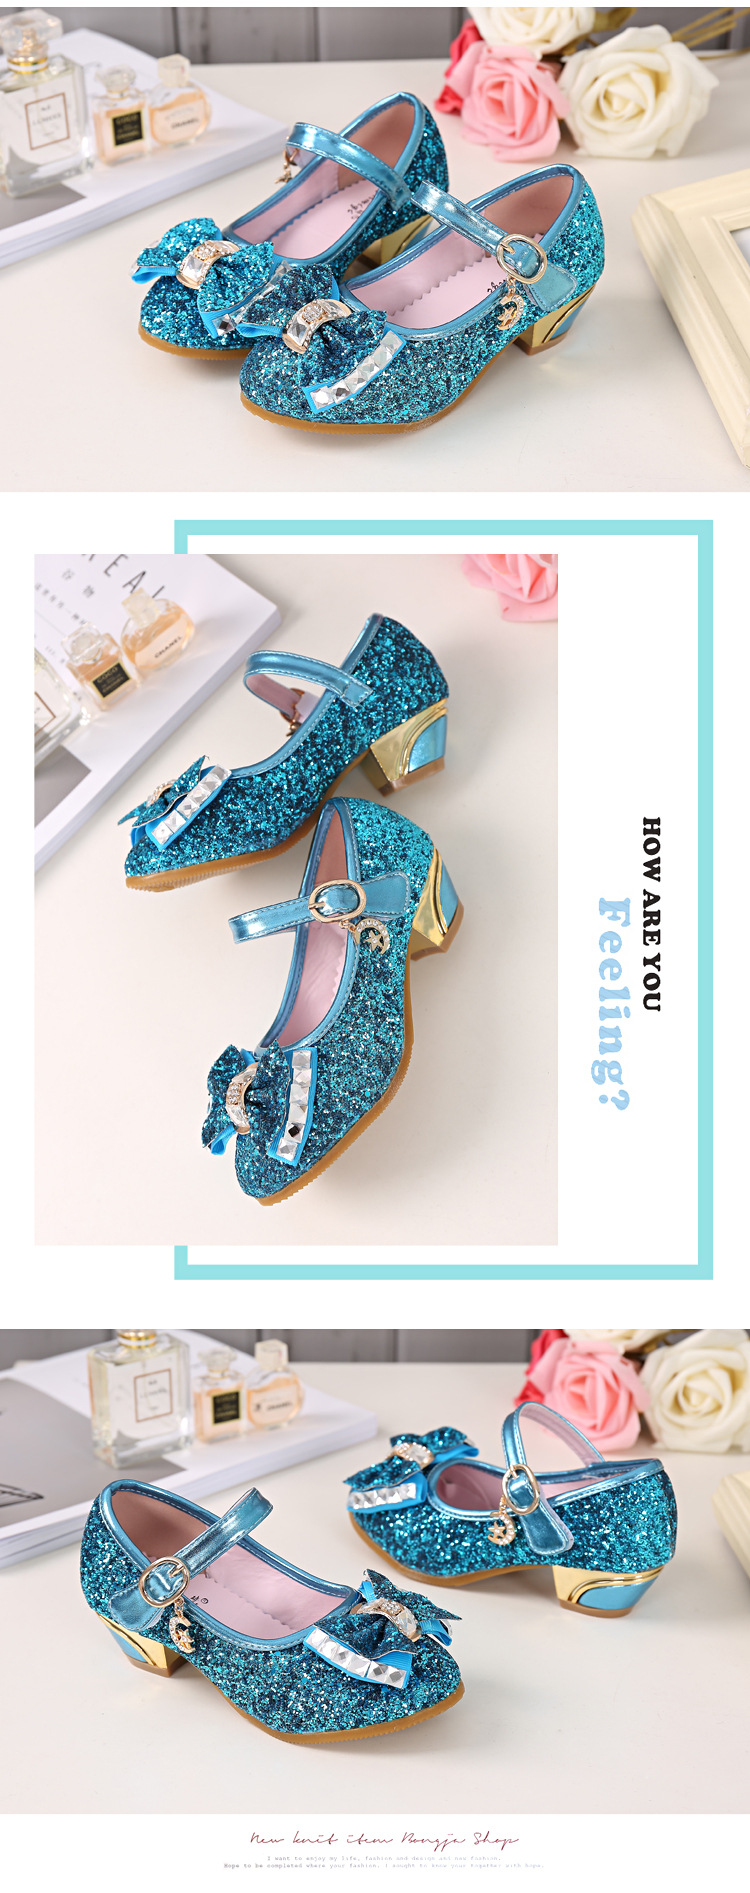 princesa sapatos de salto alto 26-37